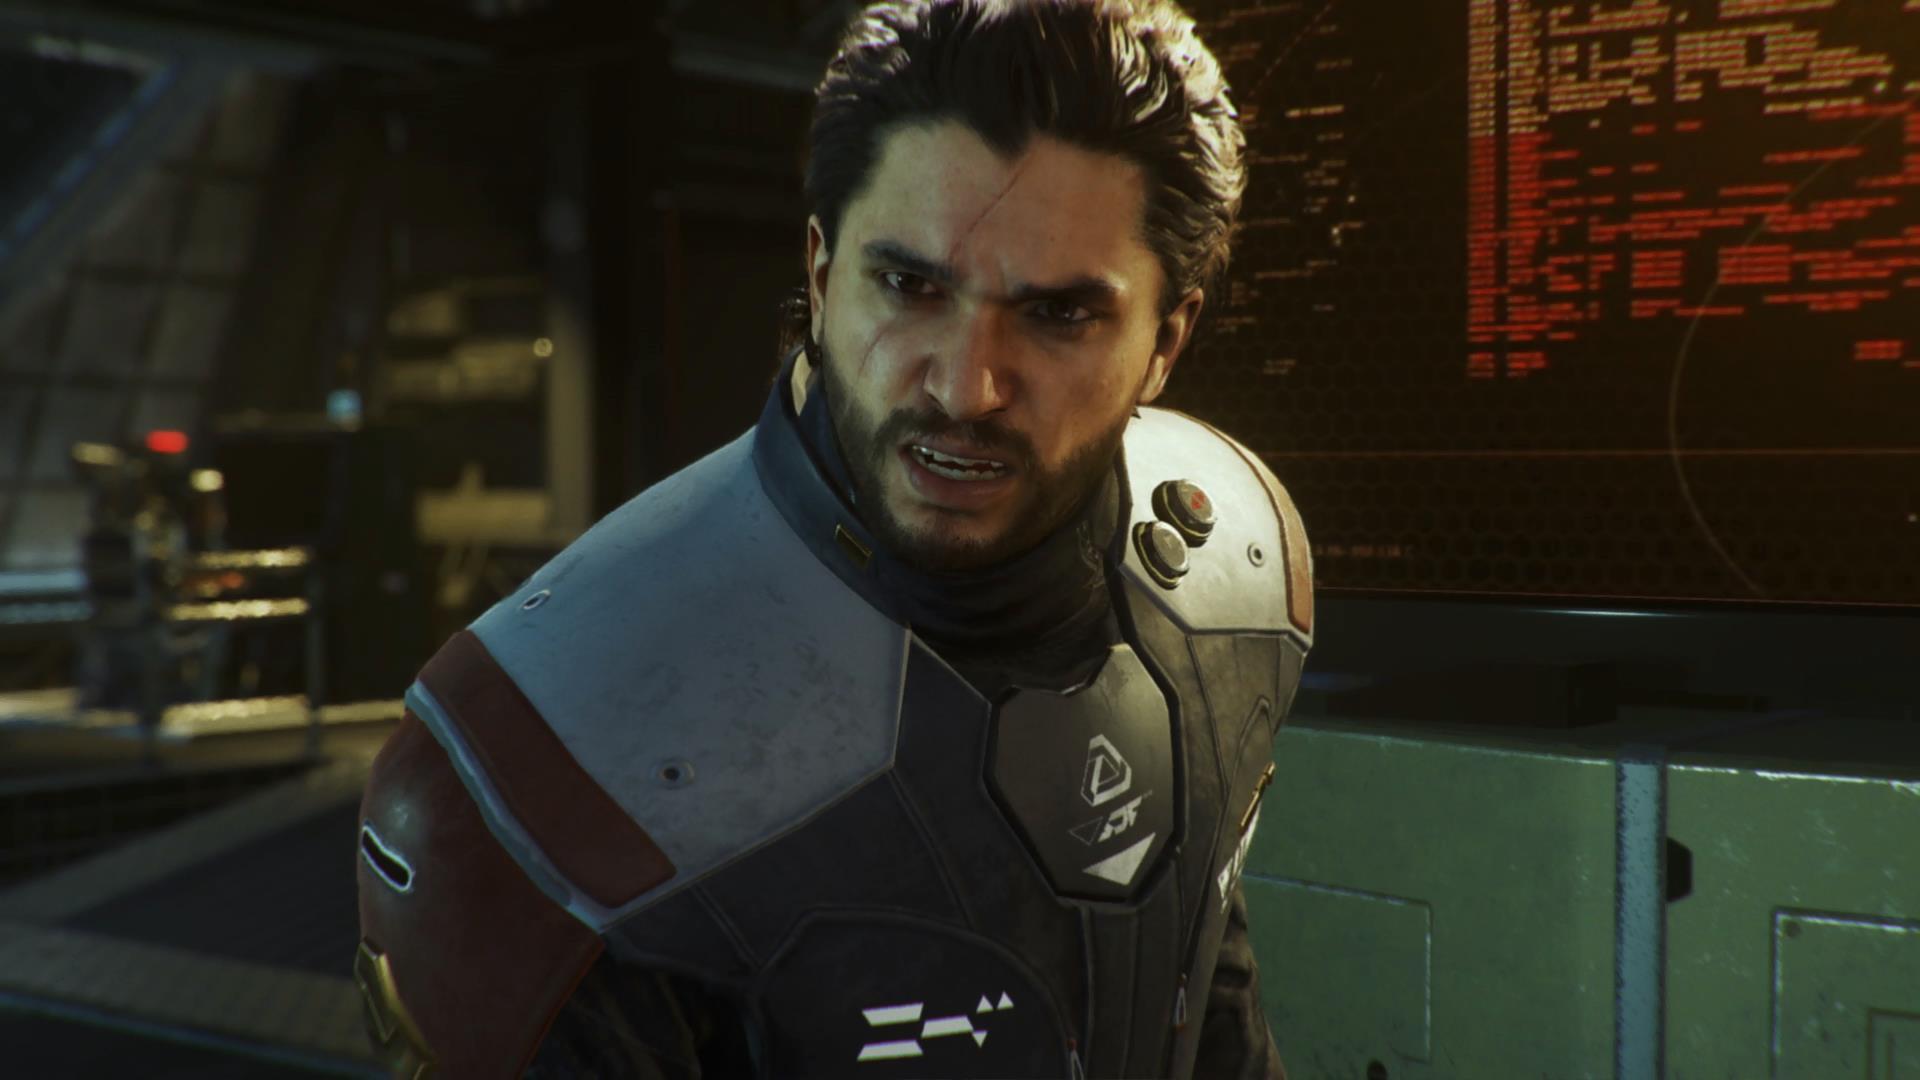 رابرت بولینگ: Call of Duty: Infinite Warfare 2 هیچگاه ساخته نخواهد شد